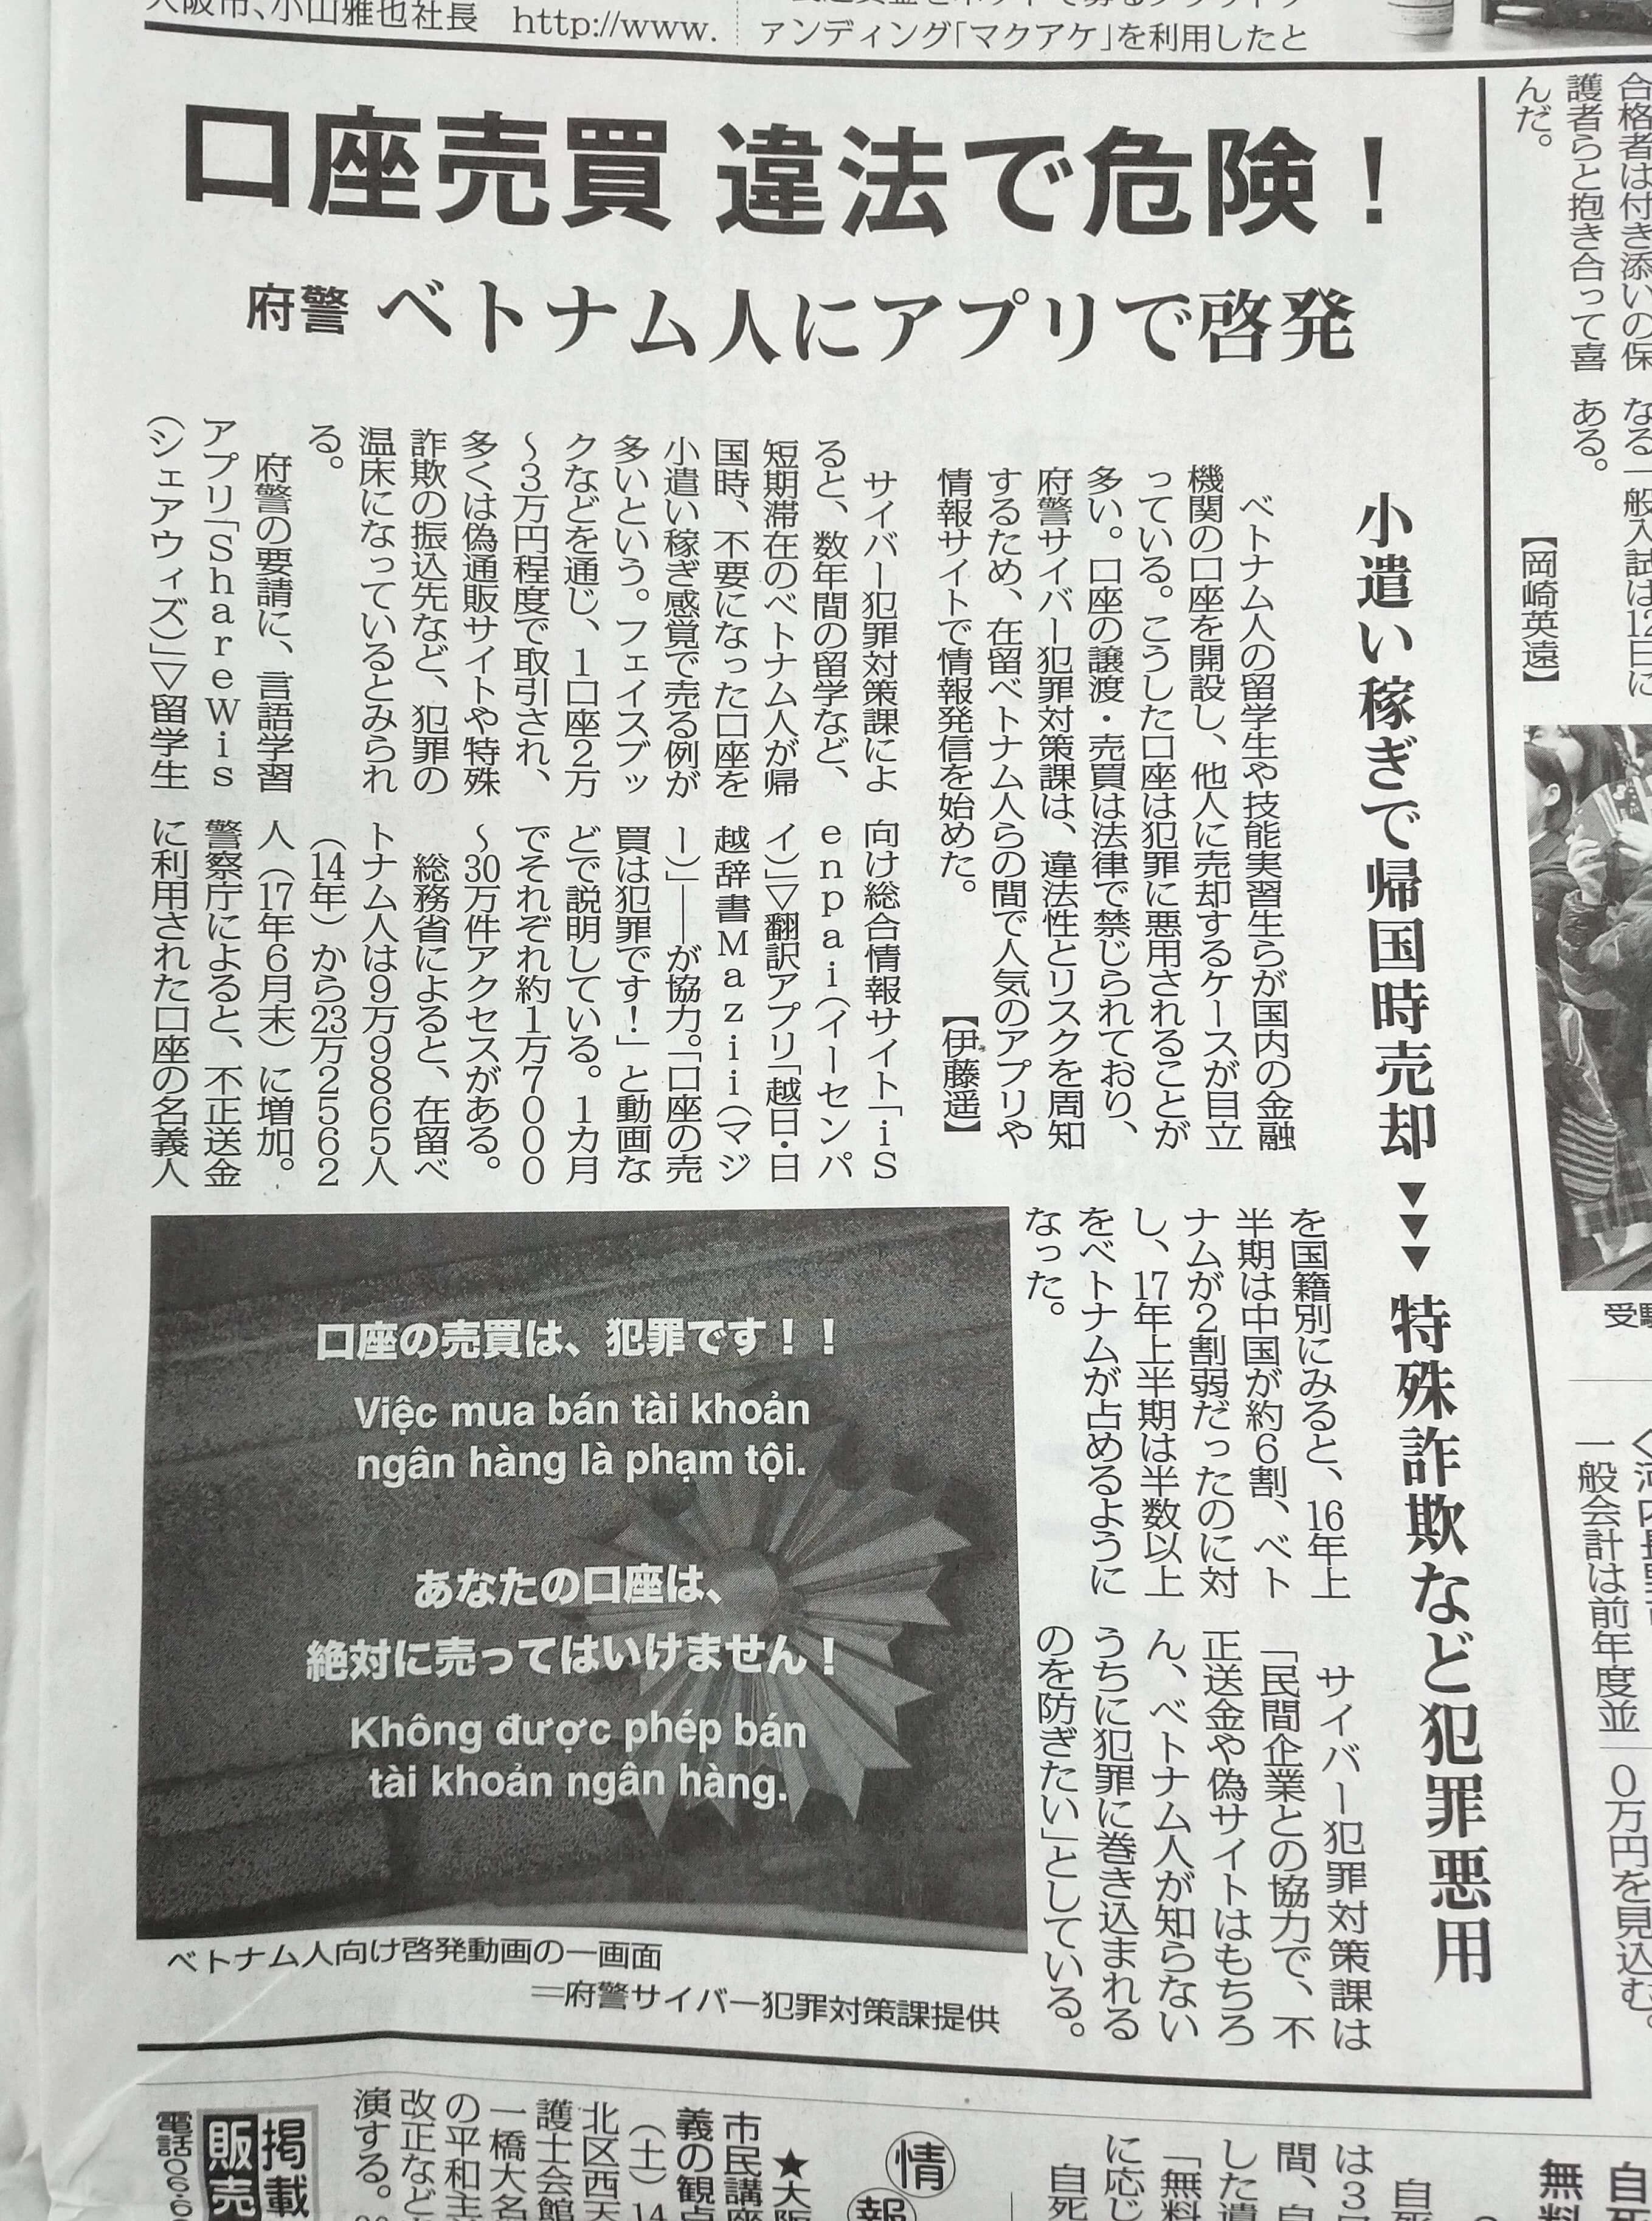 平成30年3月1日号毎日新聞朝刊の画像